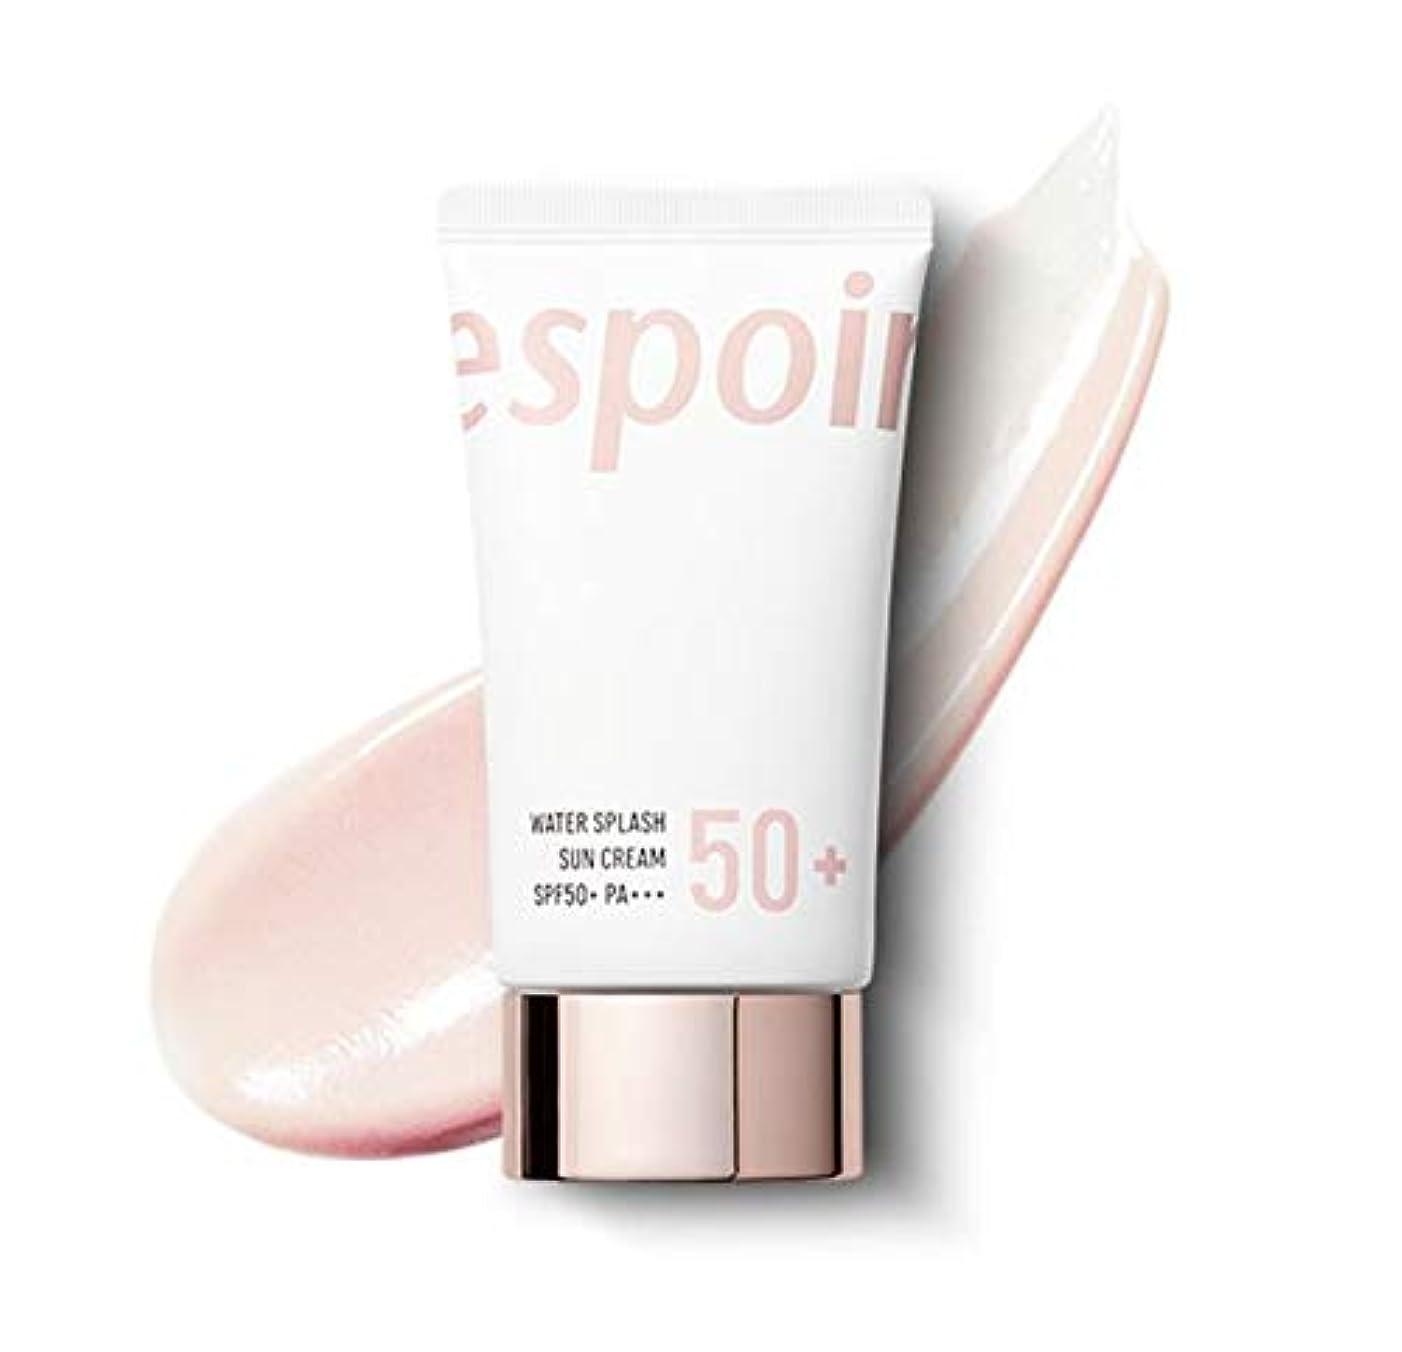 見物人睡眠着替えるeSpoir Water Splash Sun Cream SPF50+PA+++ (R) / エスポワール ウォータースプラッシュ サンクリーム 60ml [並行輸入品]